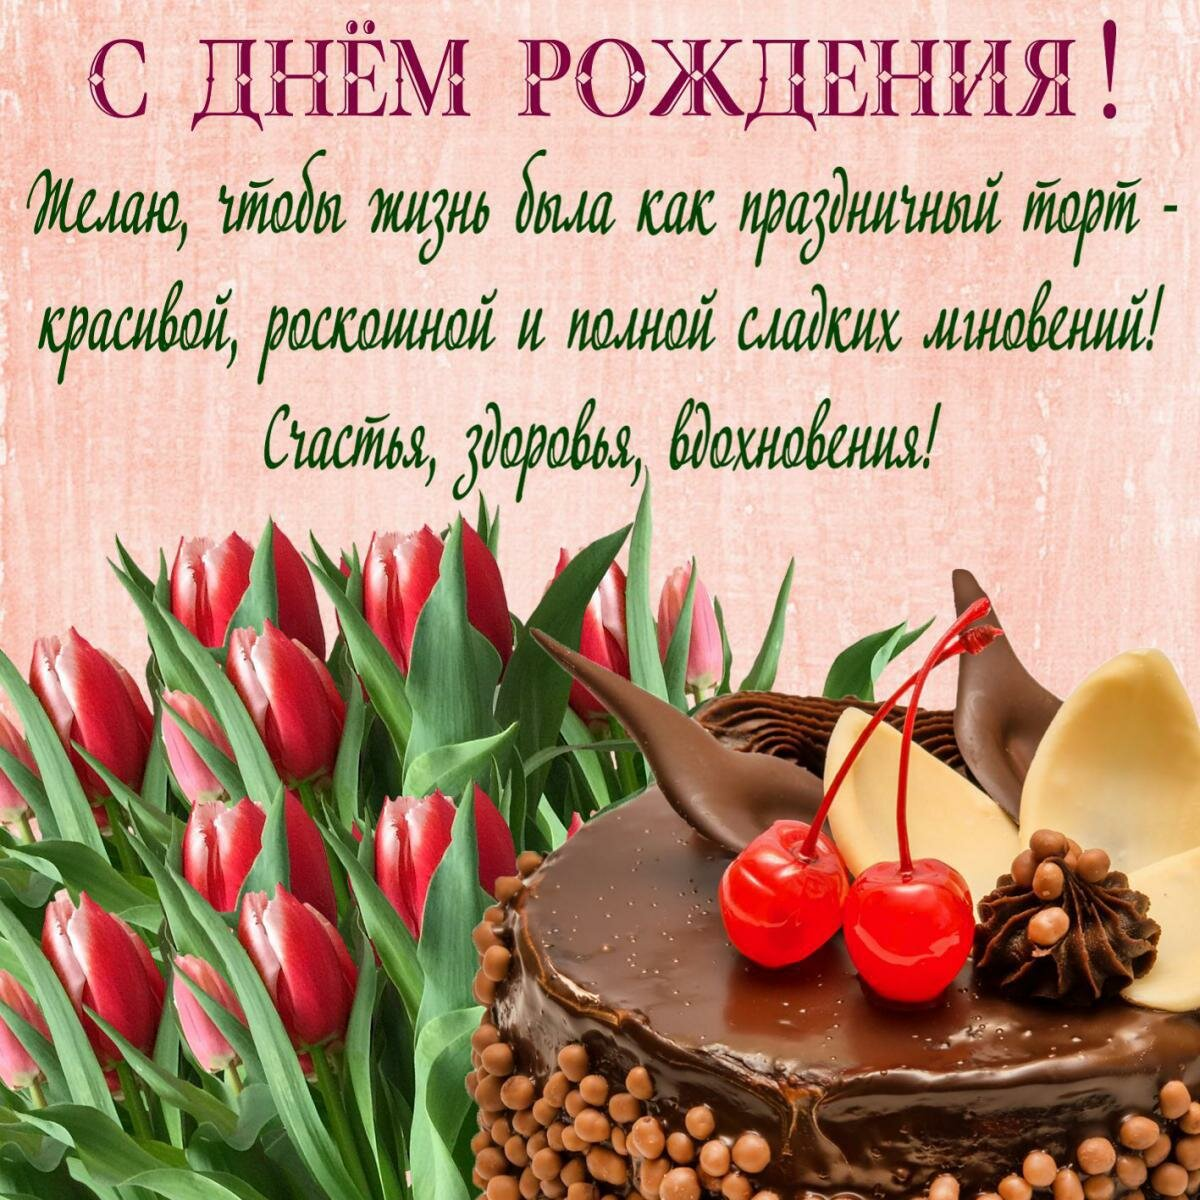 Поздравления с днем рождения женщине ссылка